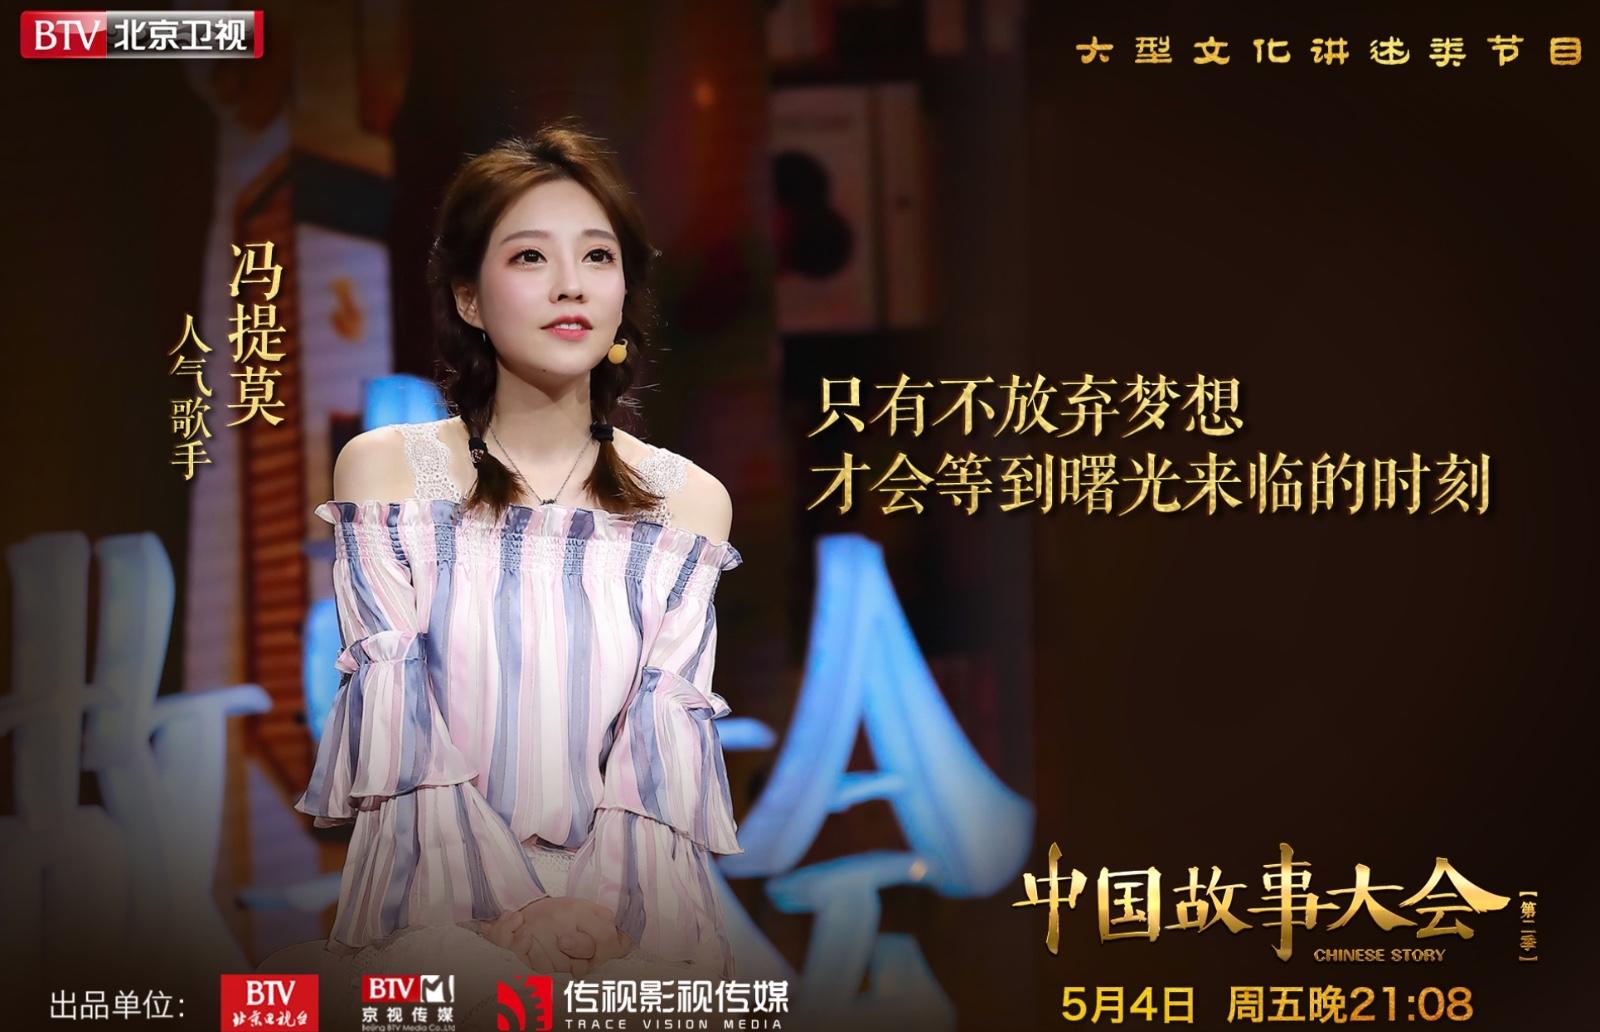 《中国故事大会2》黑豹主唱张淇泪洒舞台 谈中国摇滚初心